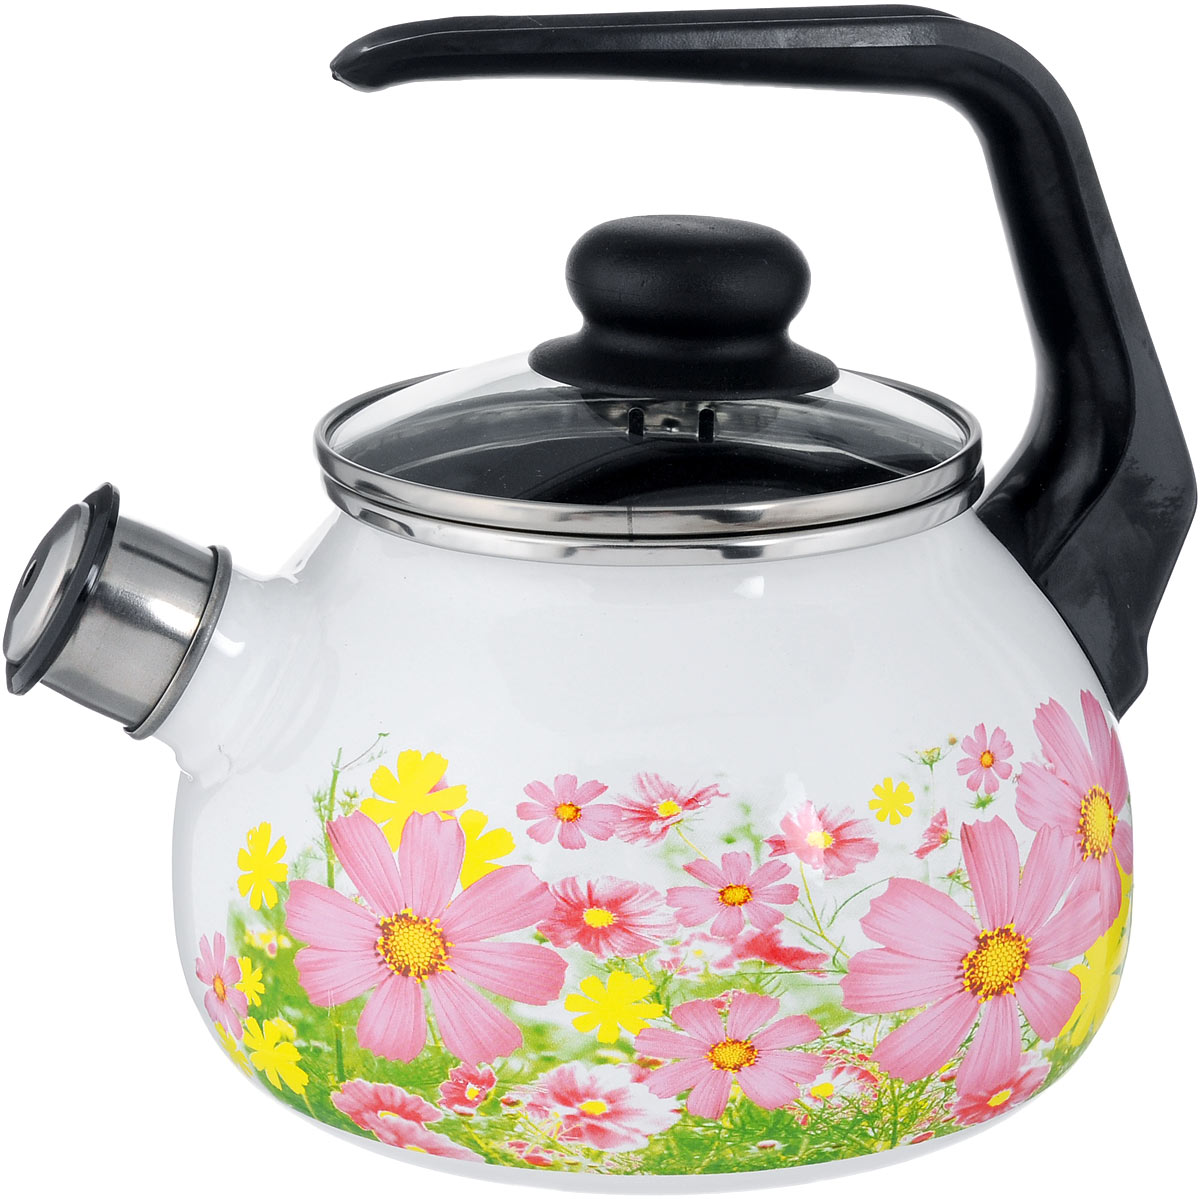 Чайник эмалированный Vitross Verano, со свистком, 2 л391602Чайник эмалированный Vitross Verano изготовлен из высококачественного стального проката со стеклокерамическим эмалевым покрытием. Корпус оформлен красочным цветочным рисунком. Стеклокерамика инертна и устойчива к пищевым кислотам, не вступает во взаимодействие с продуктами и не искажает их вкусовые качества. Прочный стальной корпус обеспечивает эффективную тепловую обработку пищевых продуктов и не деформируется в процессе эксплуатации.Чайник оснащен удобной пластиковой ручкой черного цвета. Крышка чайника выполнена из стекла. Носик чайника с насадкой-свистком позволит вам контролировать процесс подогрева или кипячения воды. Чайник пригоден для использования на всех видах плит, включая индукционные. Можно мыть в посудомоечной машине. Диаметр (по верхнему краю): 12,5 см.Высота чайника (с учетом ручки): 21 см.Высота чайника (без учета ручки и крышки): 12,5 см.